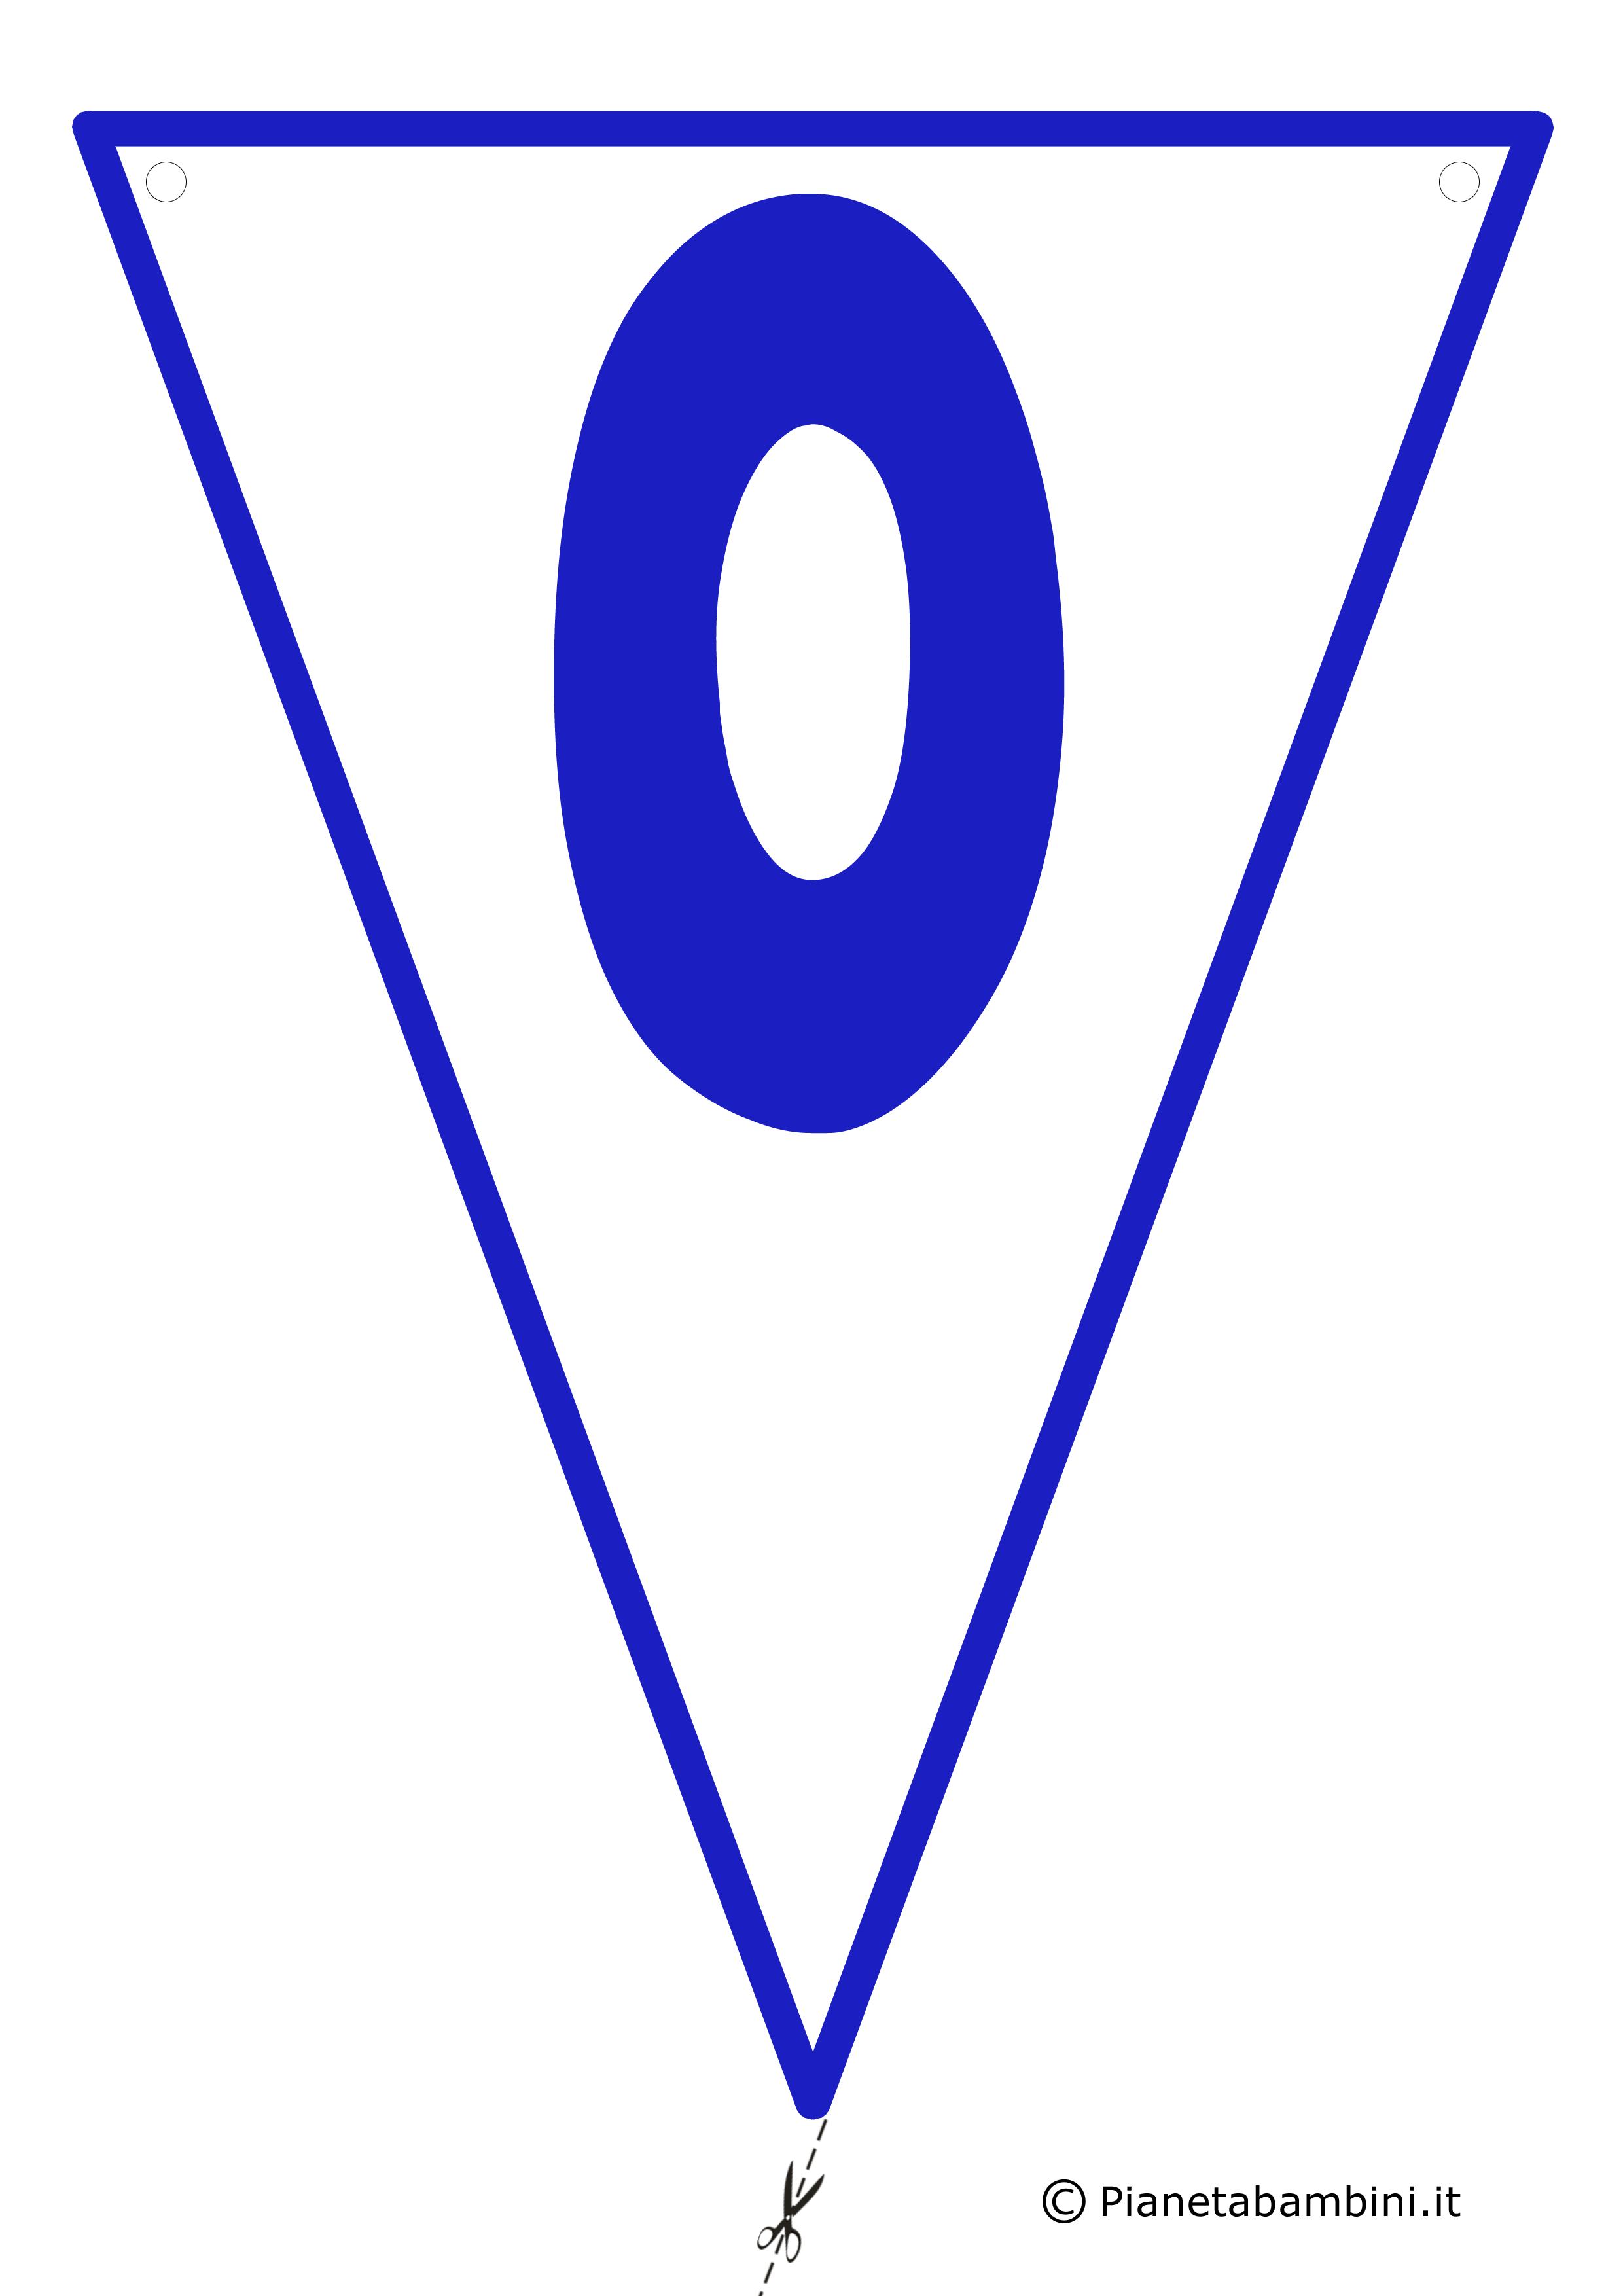 Bandierina-O-Blu